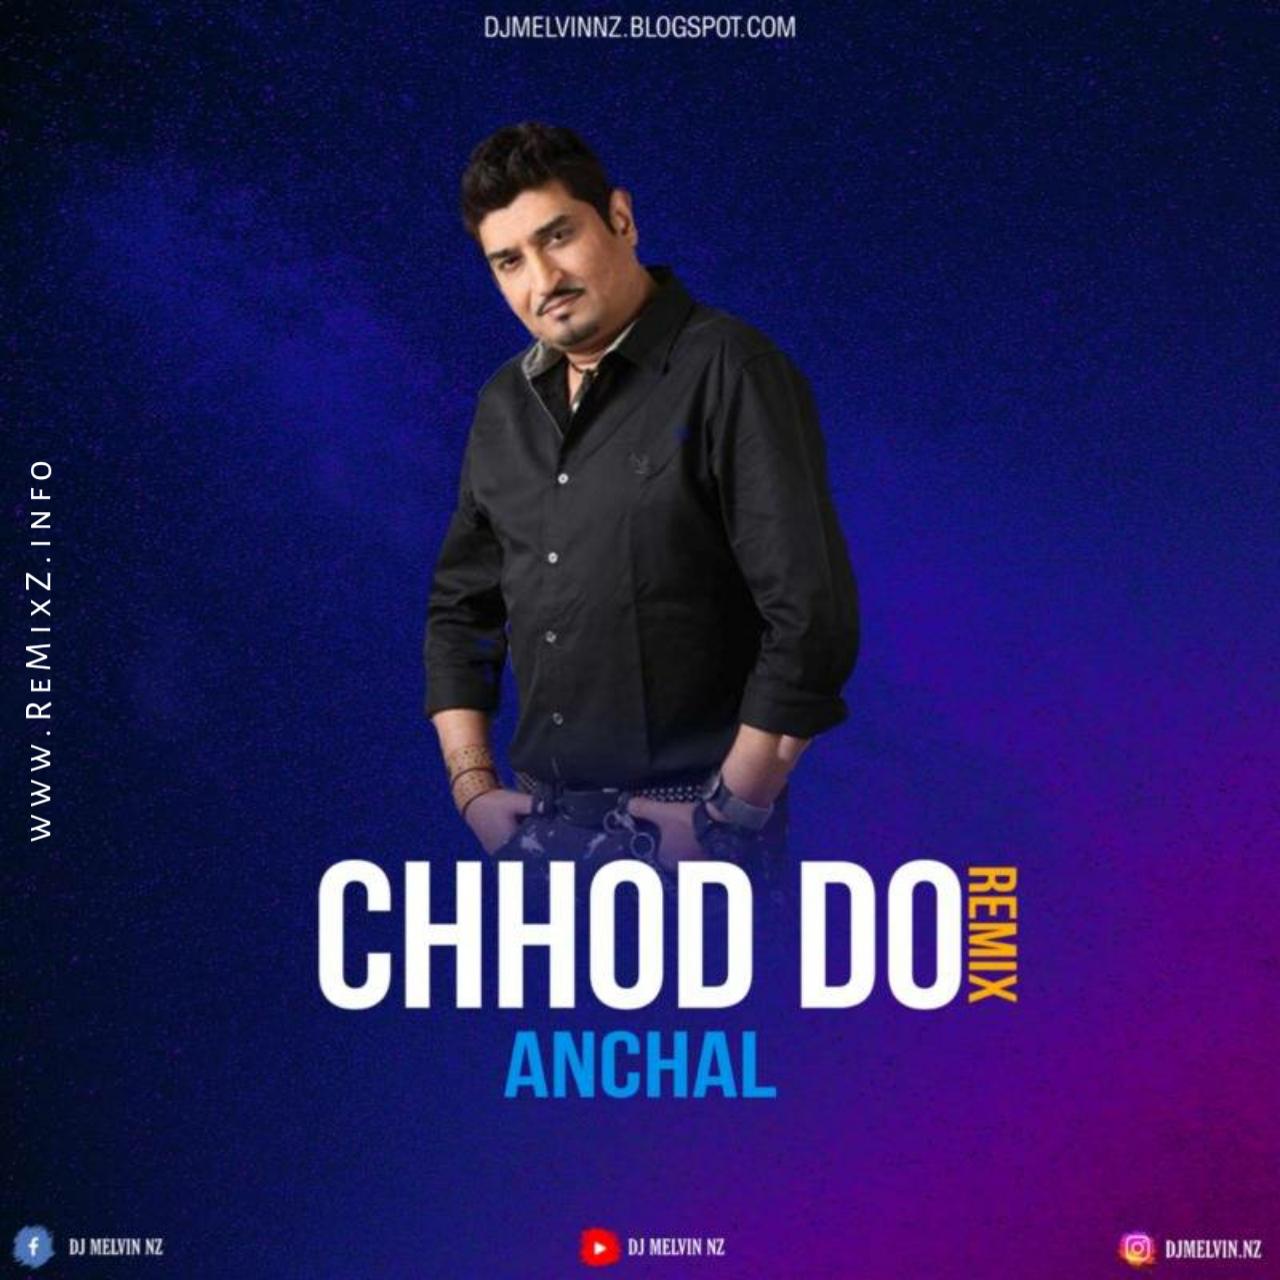 chhod-do-aanchal-remix-dj-melvin-nz.jpg